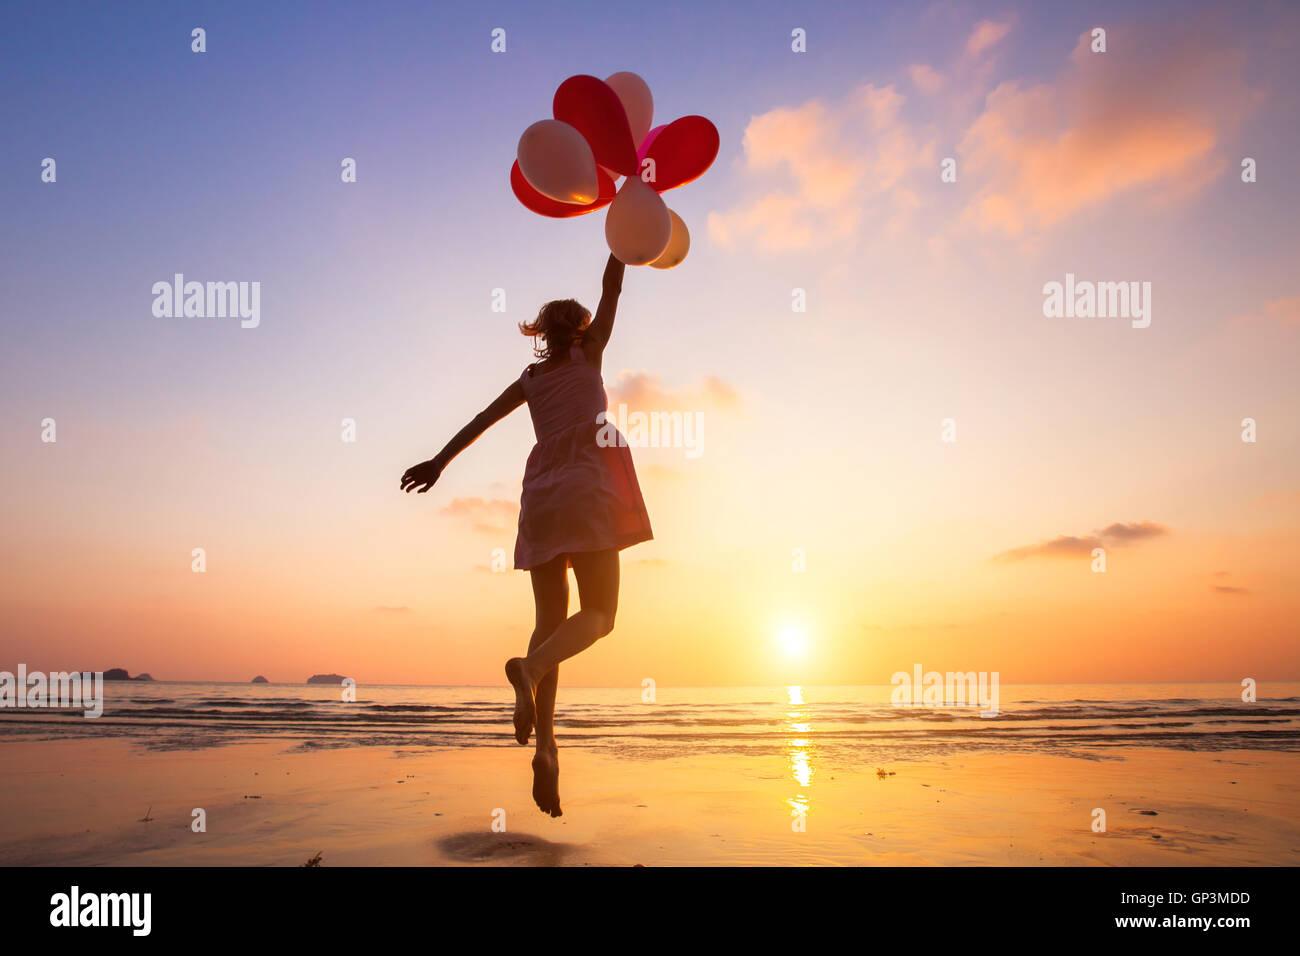 Phantasie, glückliches Mädchen springen mit bunten Ballons bei Sonnenuntergang am Strand, fliegen, folgen Stockbild